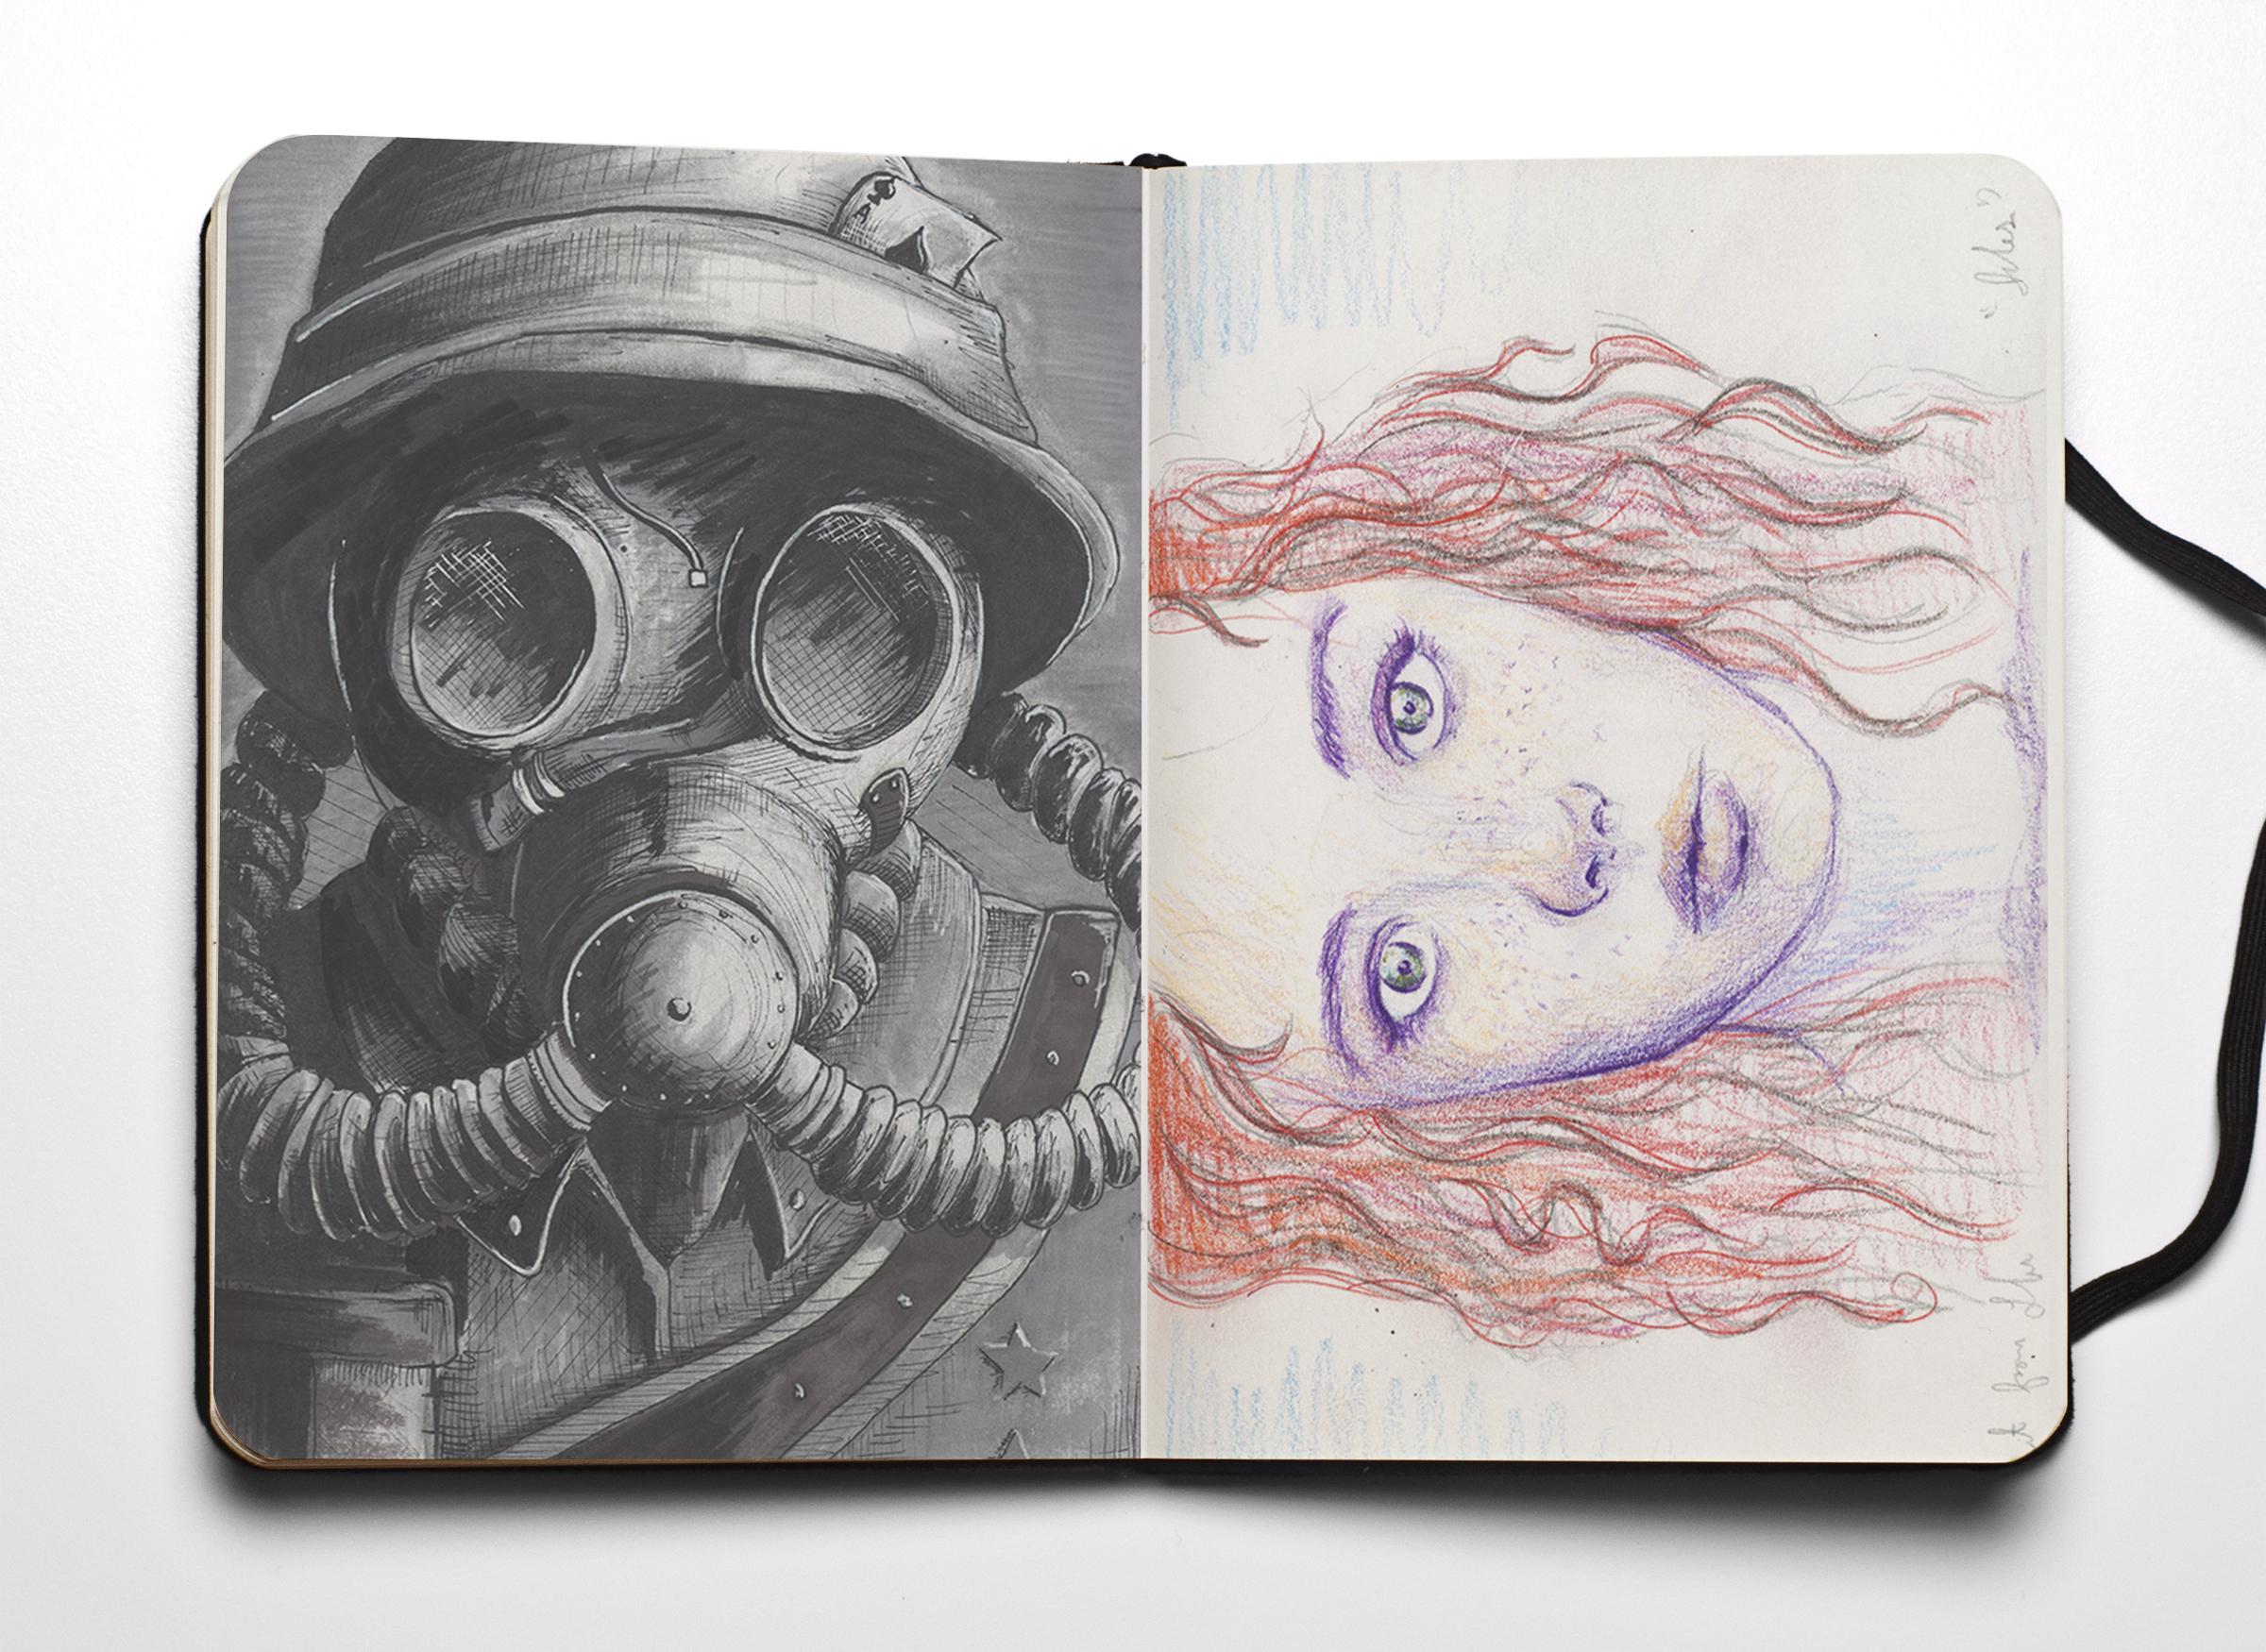 4.Sketchbook - The oodles of doodles